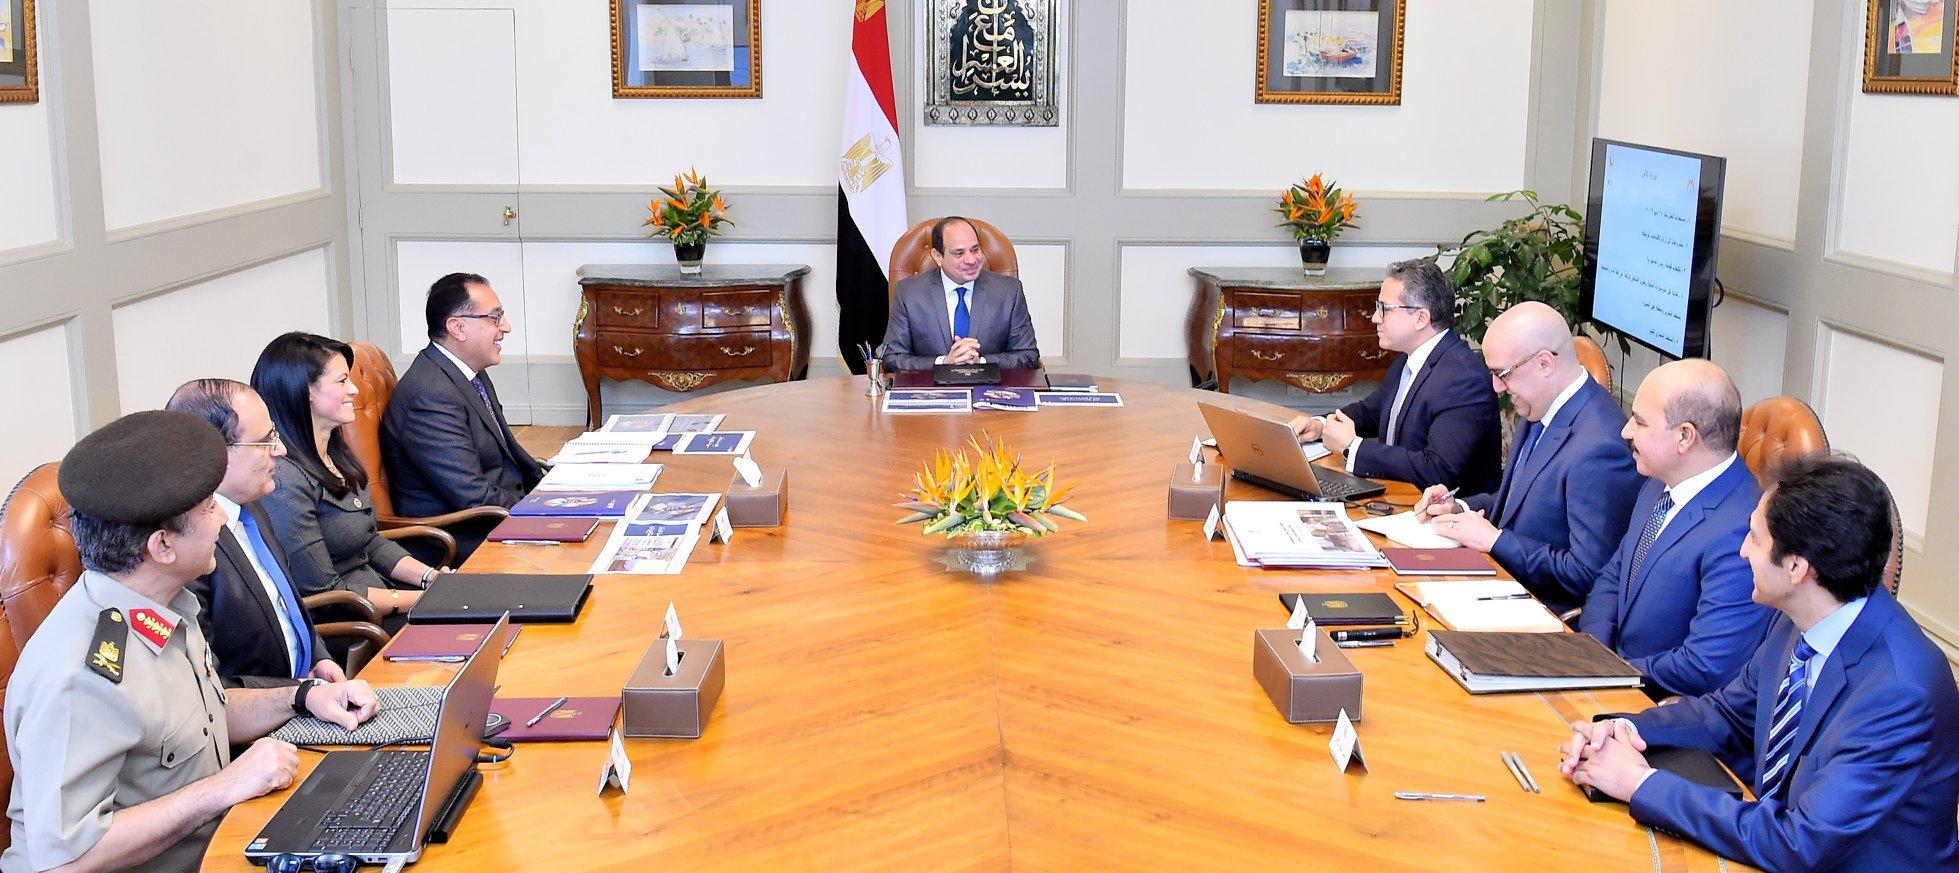 عاجل| بسام راضي: الرئيس السيسي يجتمع برئيس مجلس الوزراء و وزراء الآثار و السياحة و الإسكان